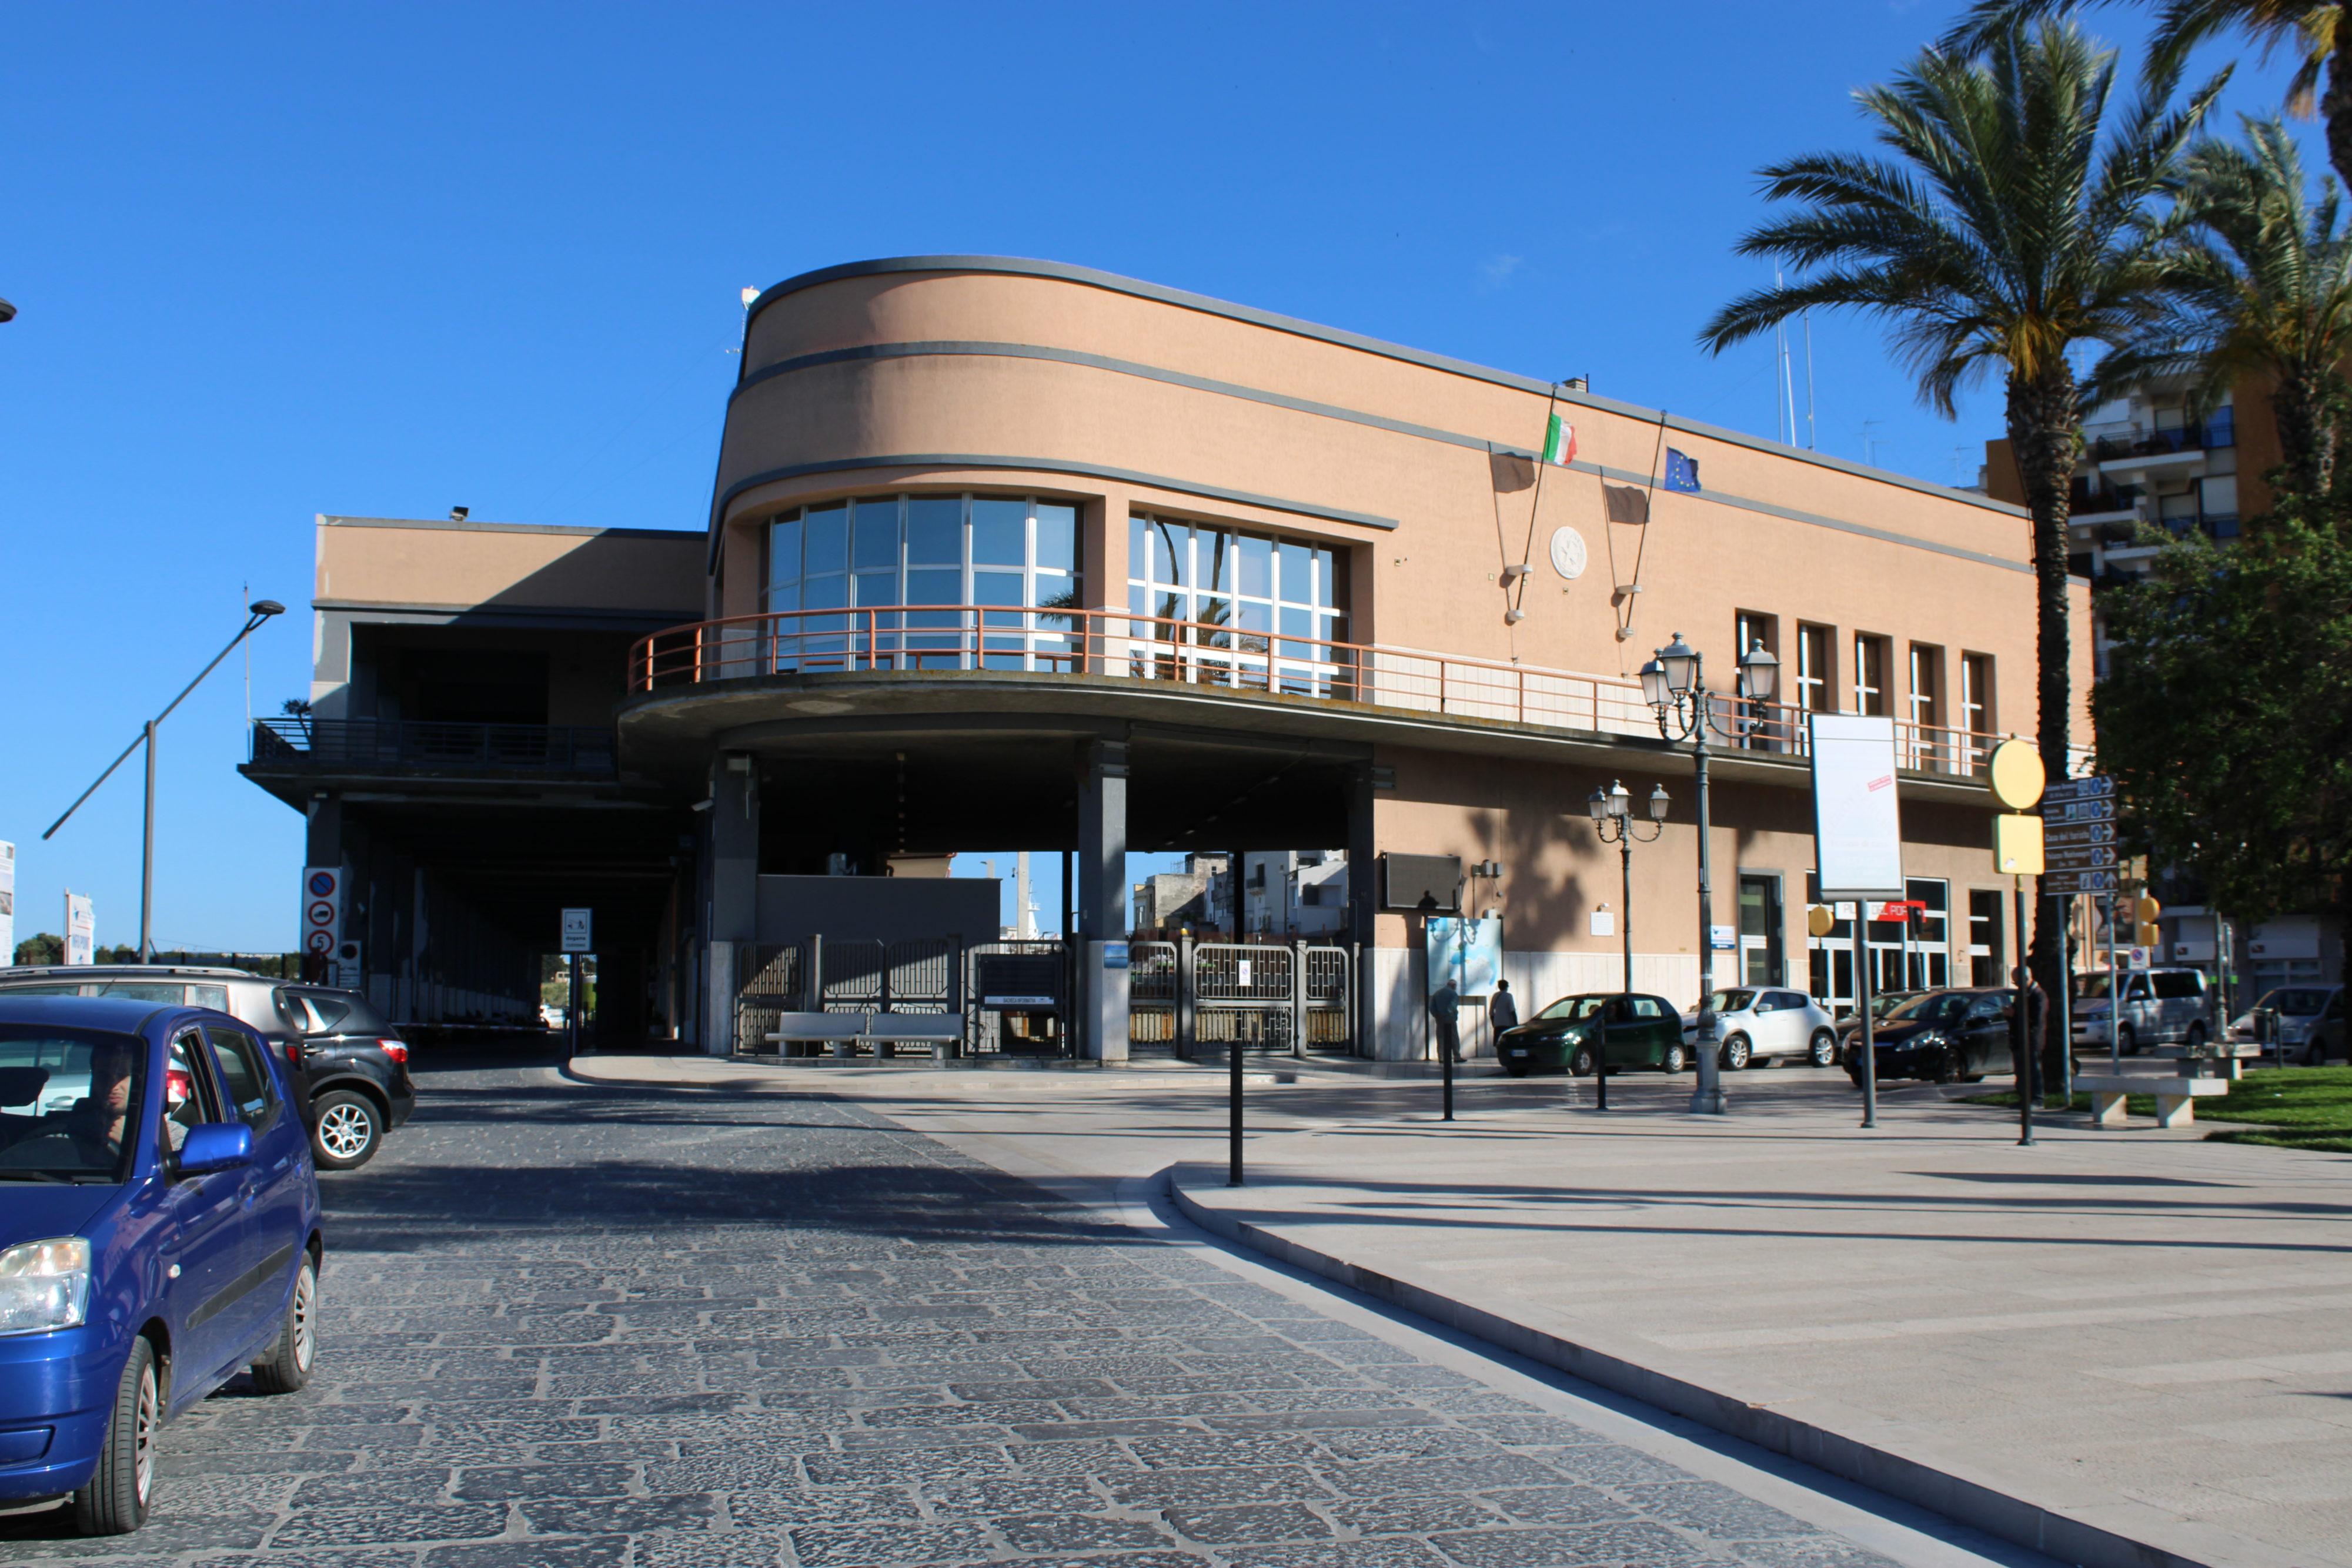 """Stazione marittima """"Le Vele"""", si riparte: """"Pubblicato un nuovo bando. Indegno che Brindisi non abbia una stazione passeggeri"""""""